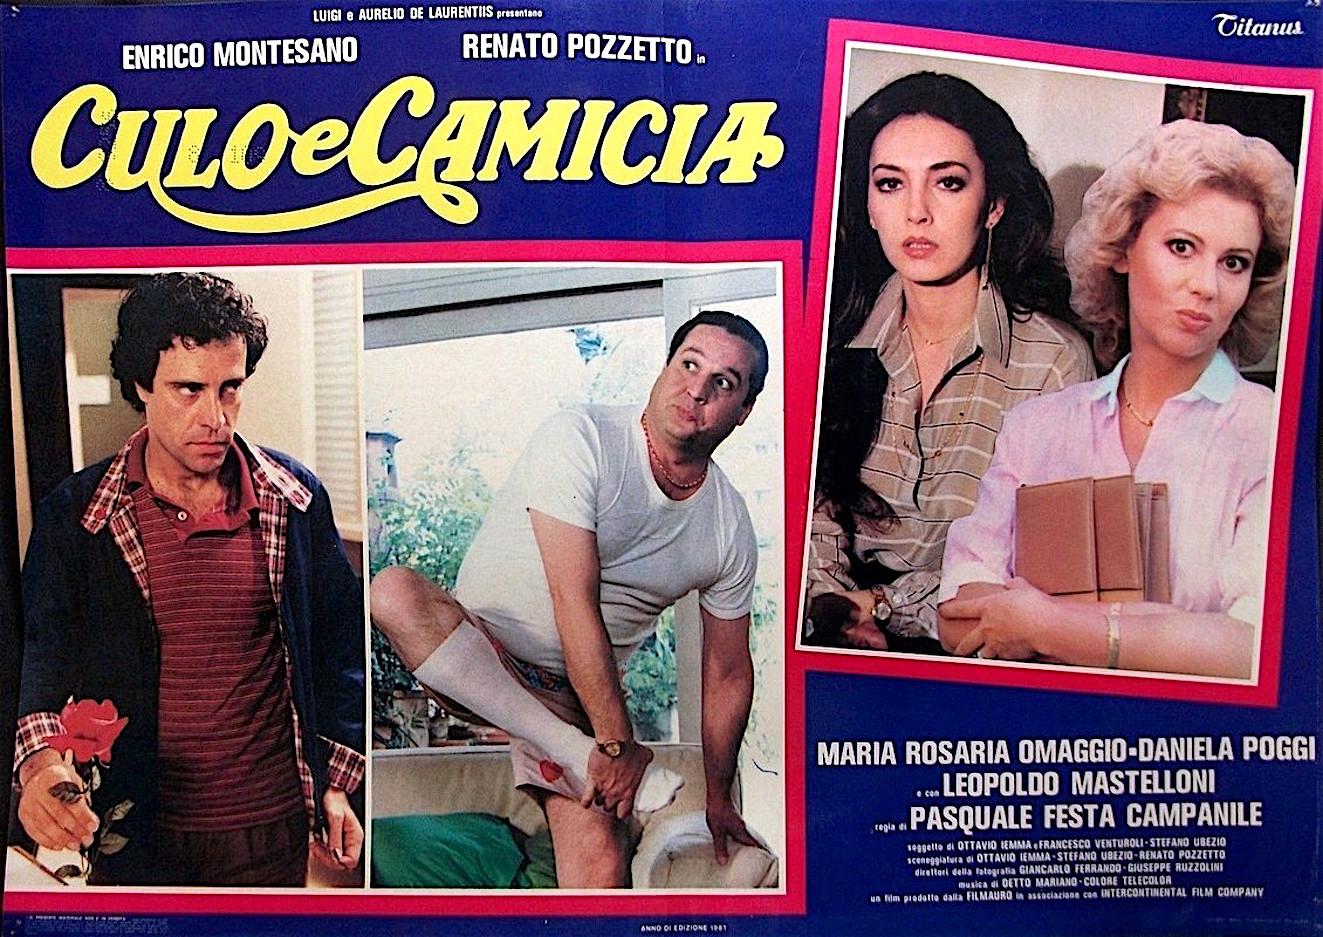 Enrico Montesano, Maria Rosaria Omaggio, Daniela Poggi, and Renato Pozzetto in Culo e camicia (1981)